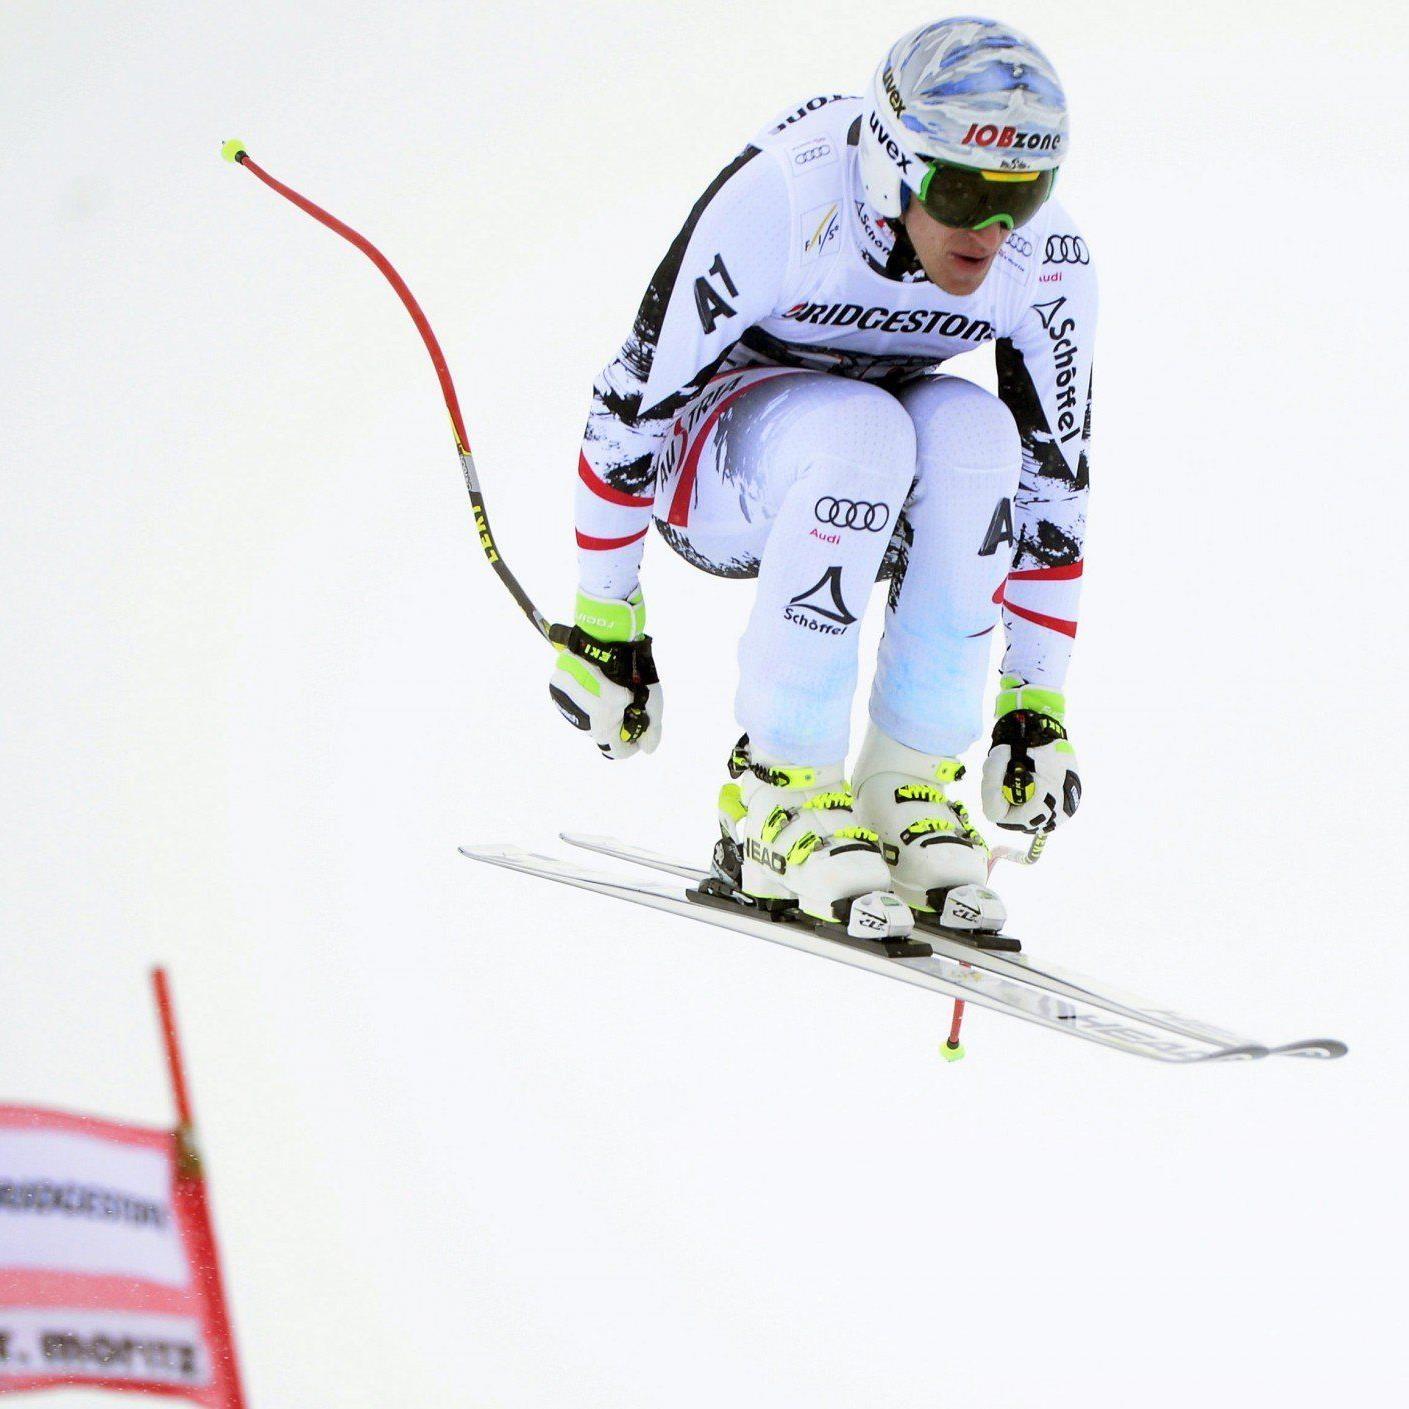 Matthias Mayer, hier in St. Moritz, ist für die Olympia-Abfahrt in Sotschi fix qualifiziert.